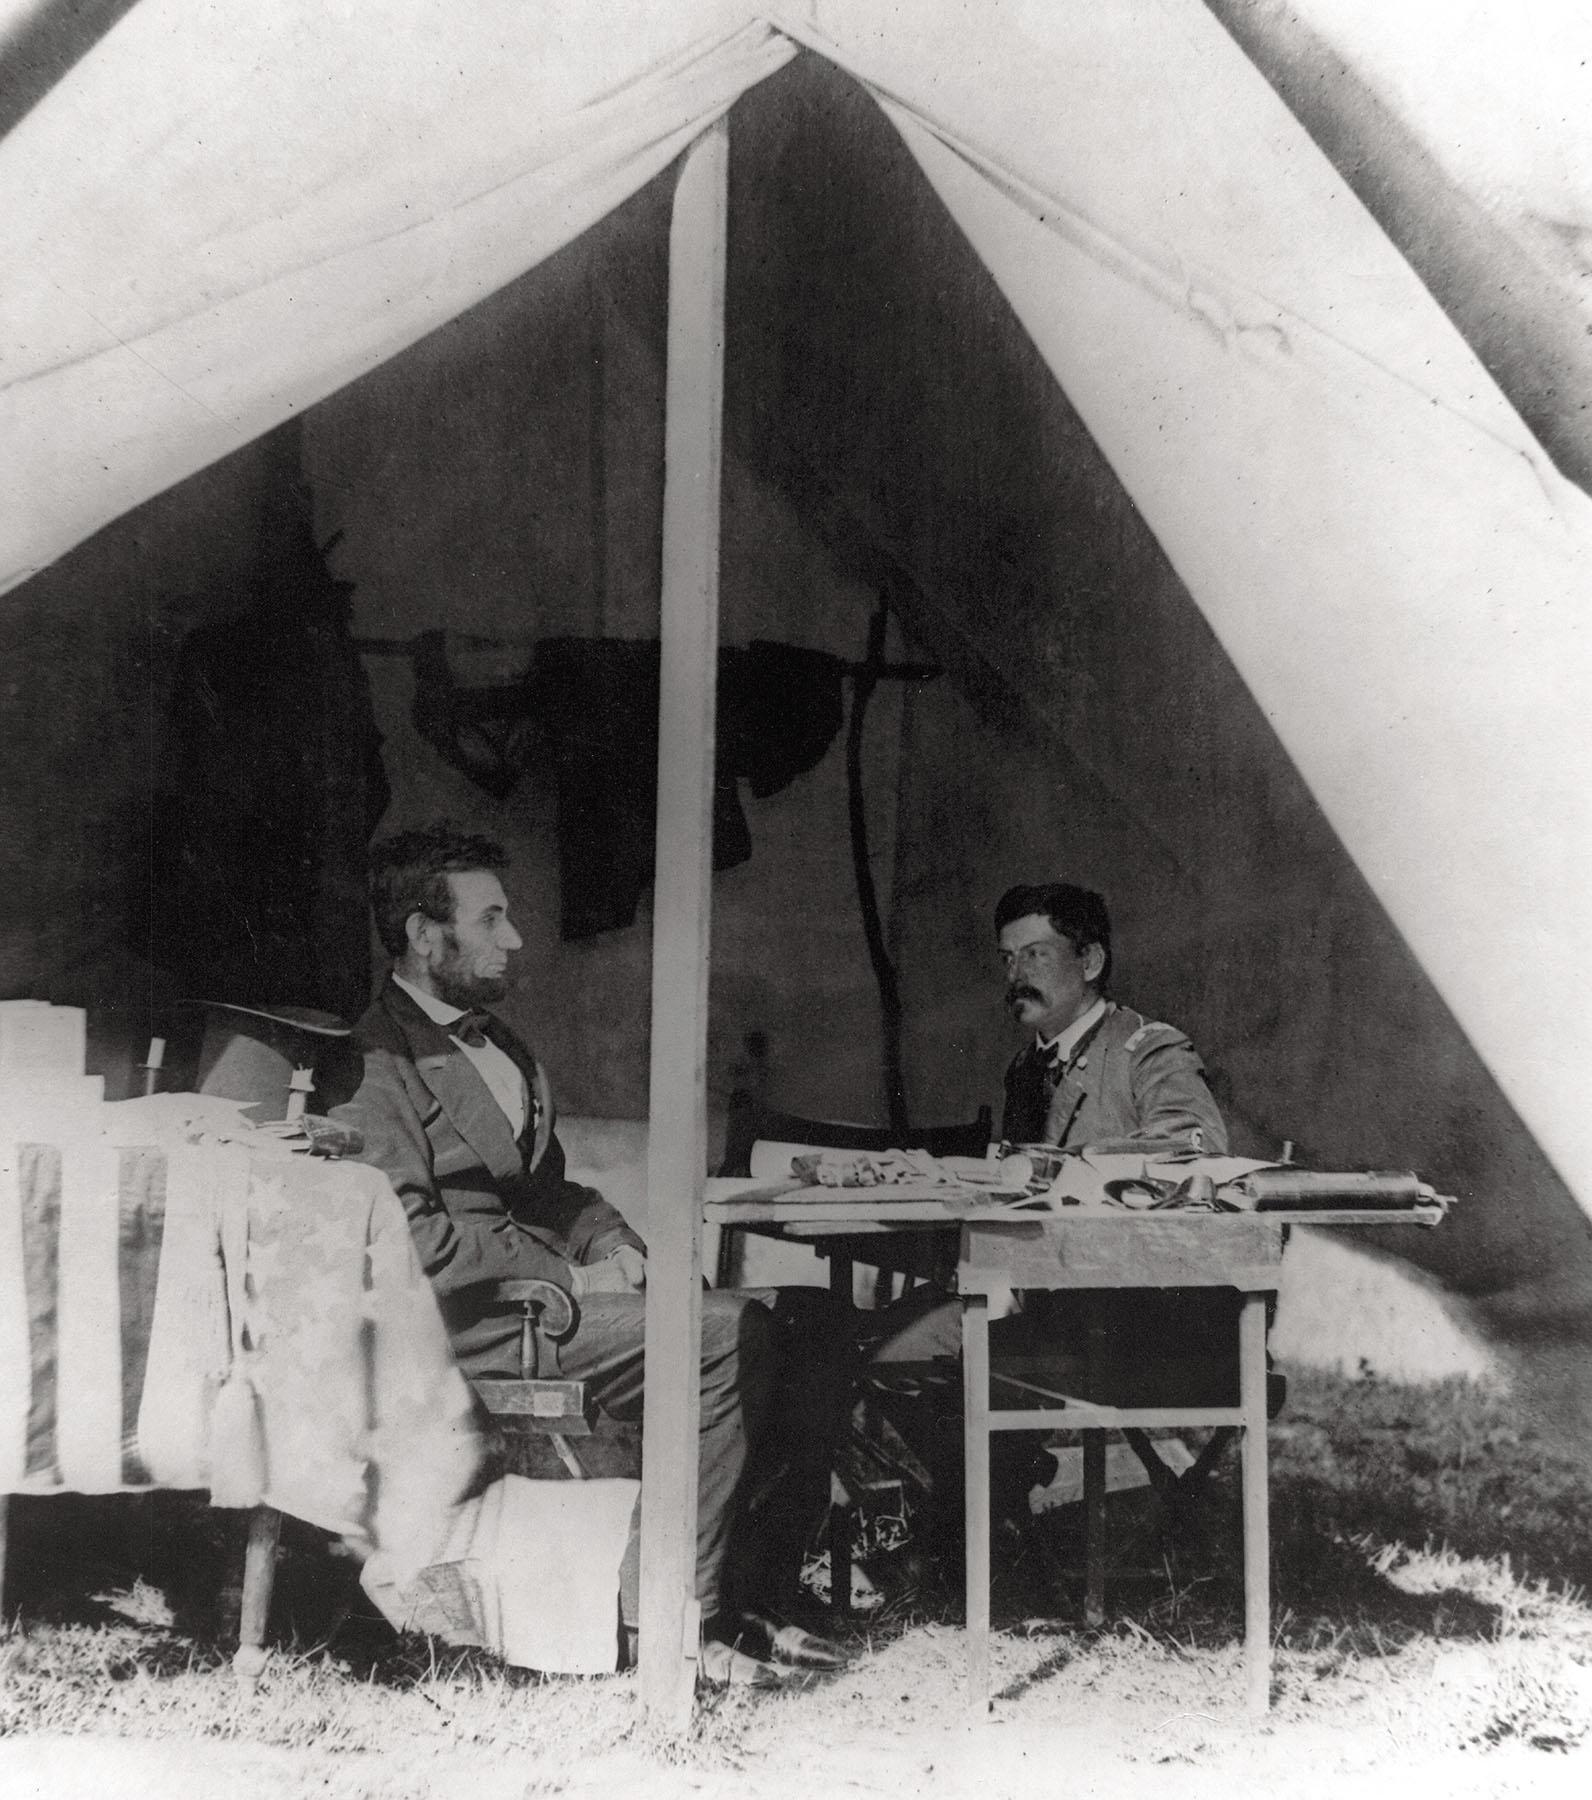 Lincoln and McClellan at Generals Headquarters Tent at Antietam October 4, 1862